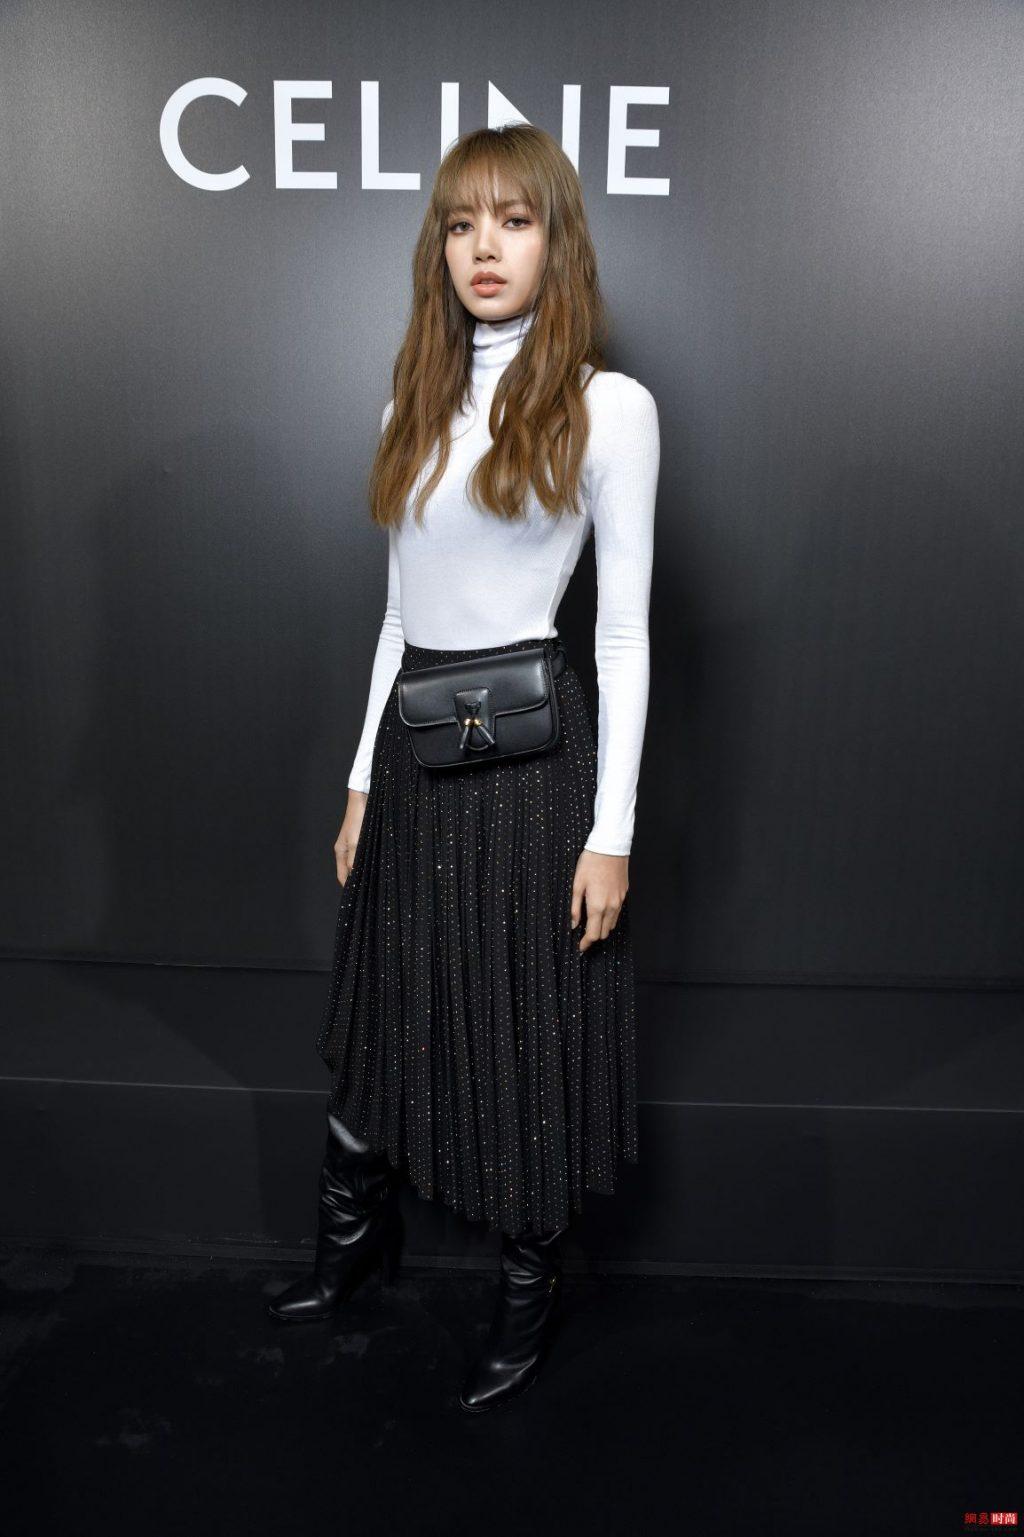 Lisa tham dự show celine trong tuần lễ thời trang xuân hè 2020 paris